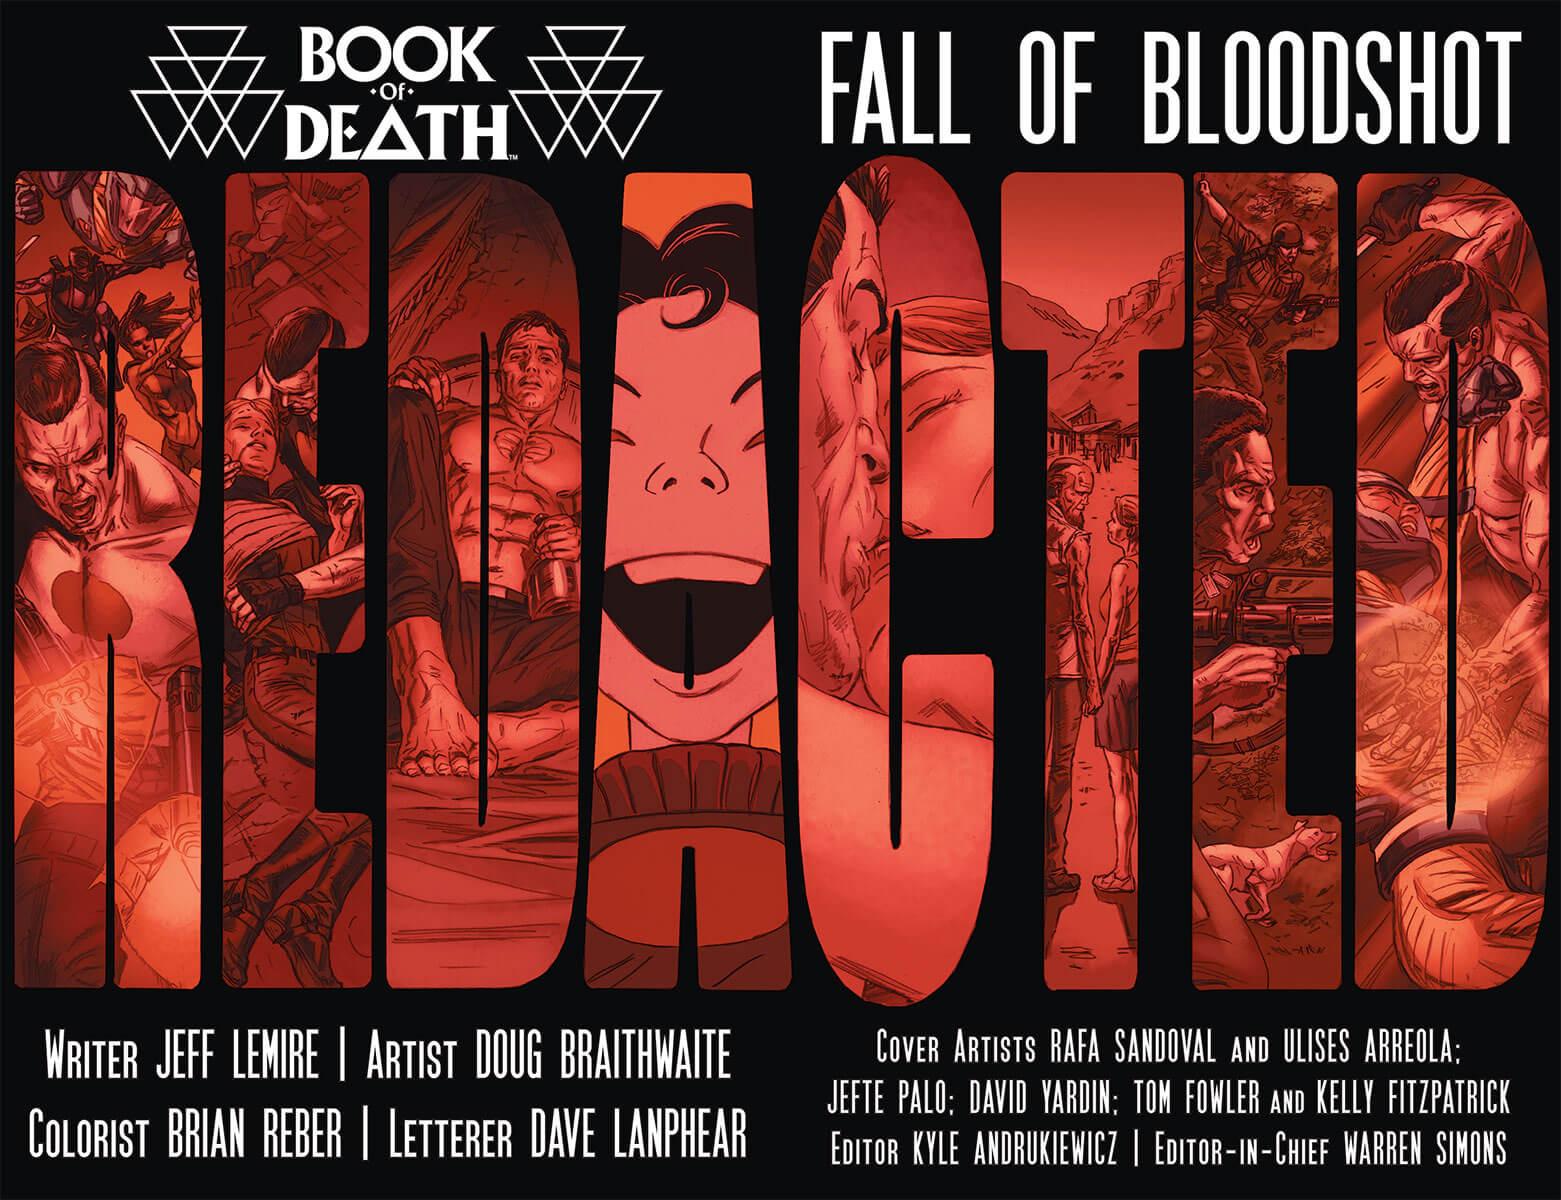 BOD-BLOODSHOT_001_004